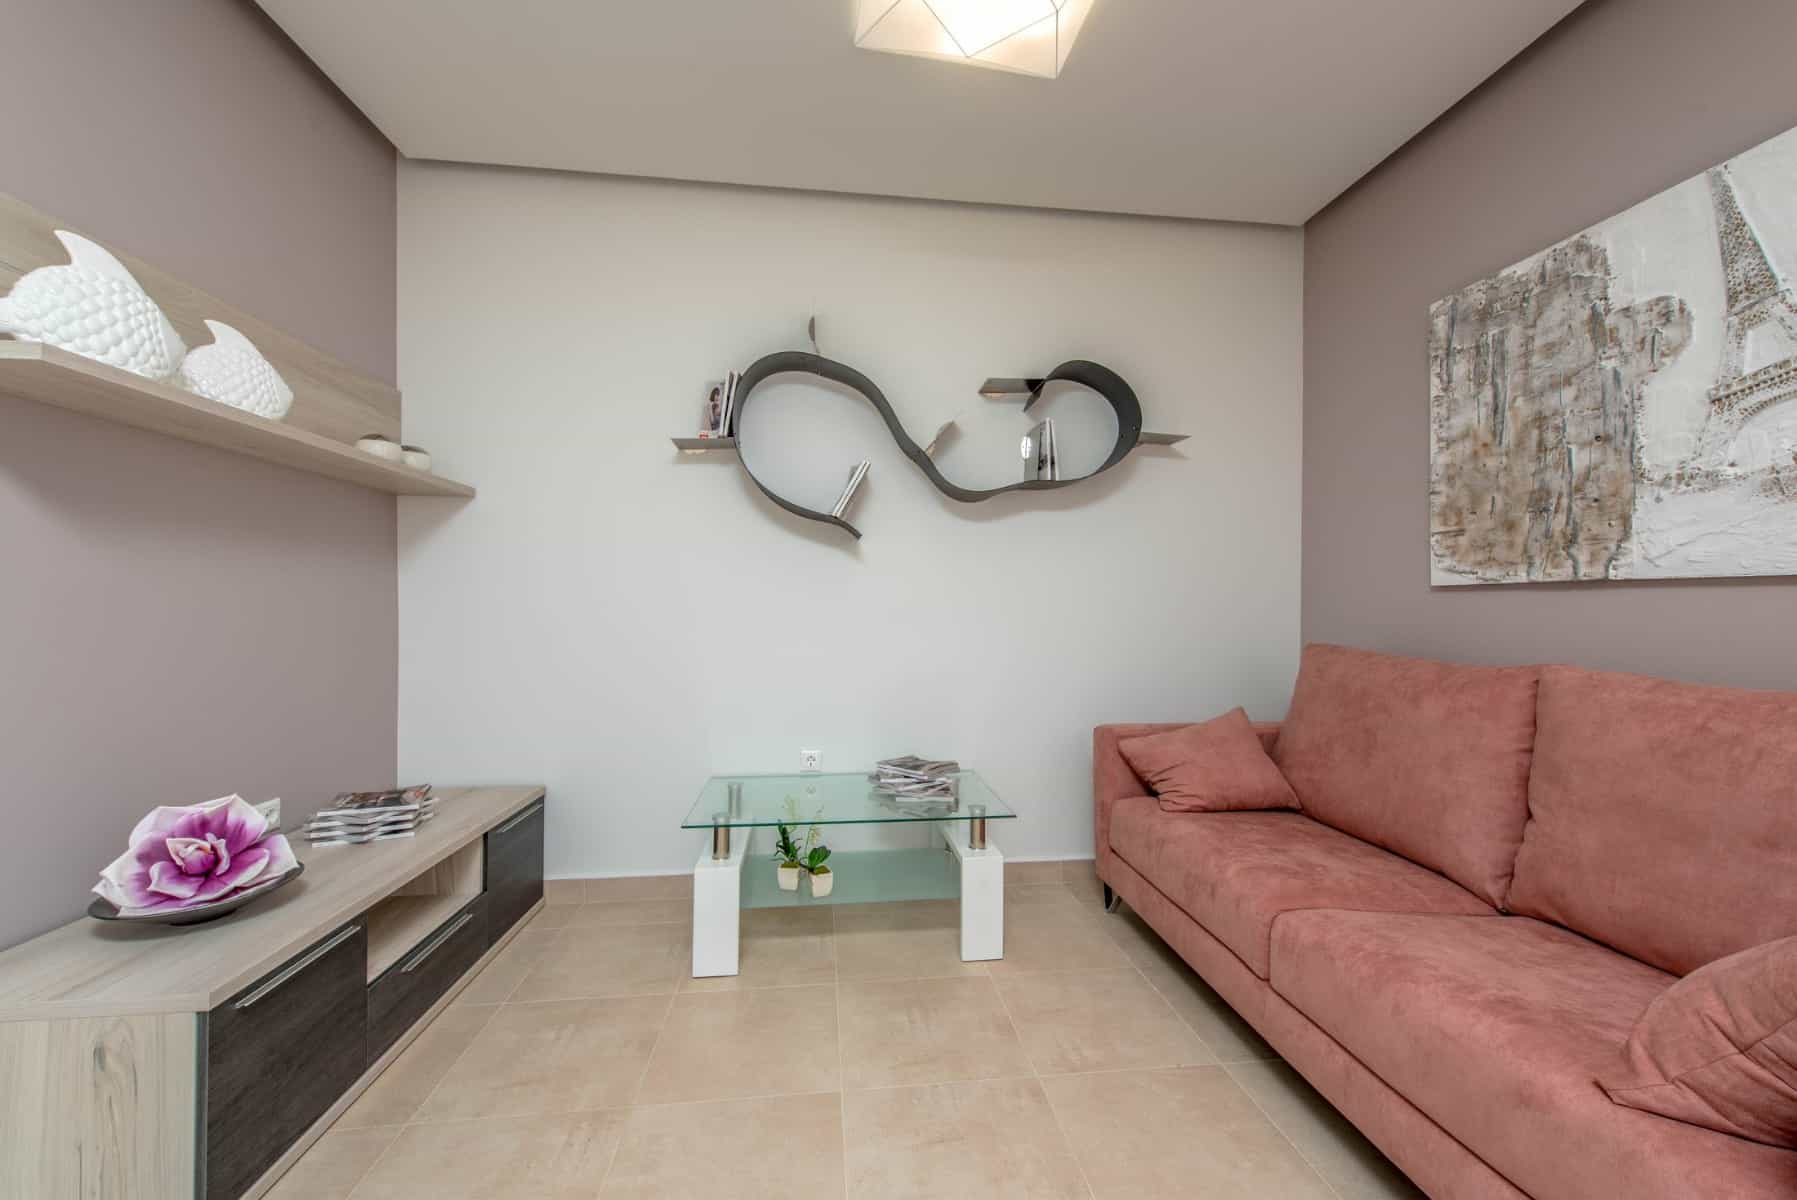 Nieuwbouw Huis Te koop in Los Alcazares in Spanje, gelegen aan de Costa Cálida